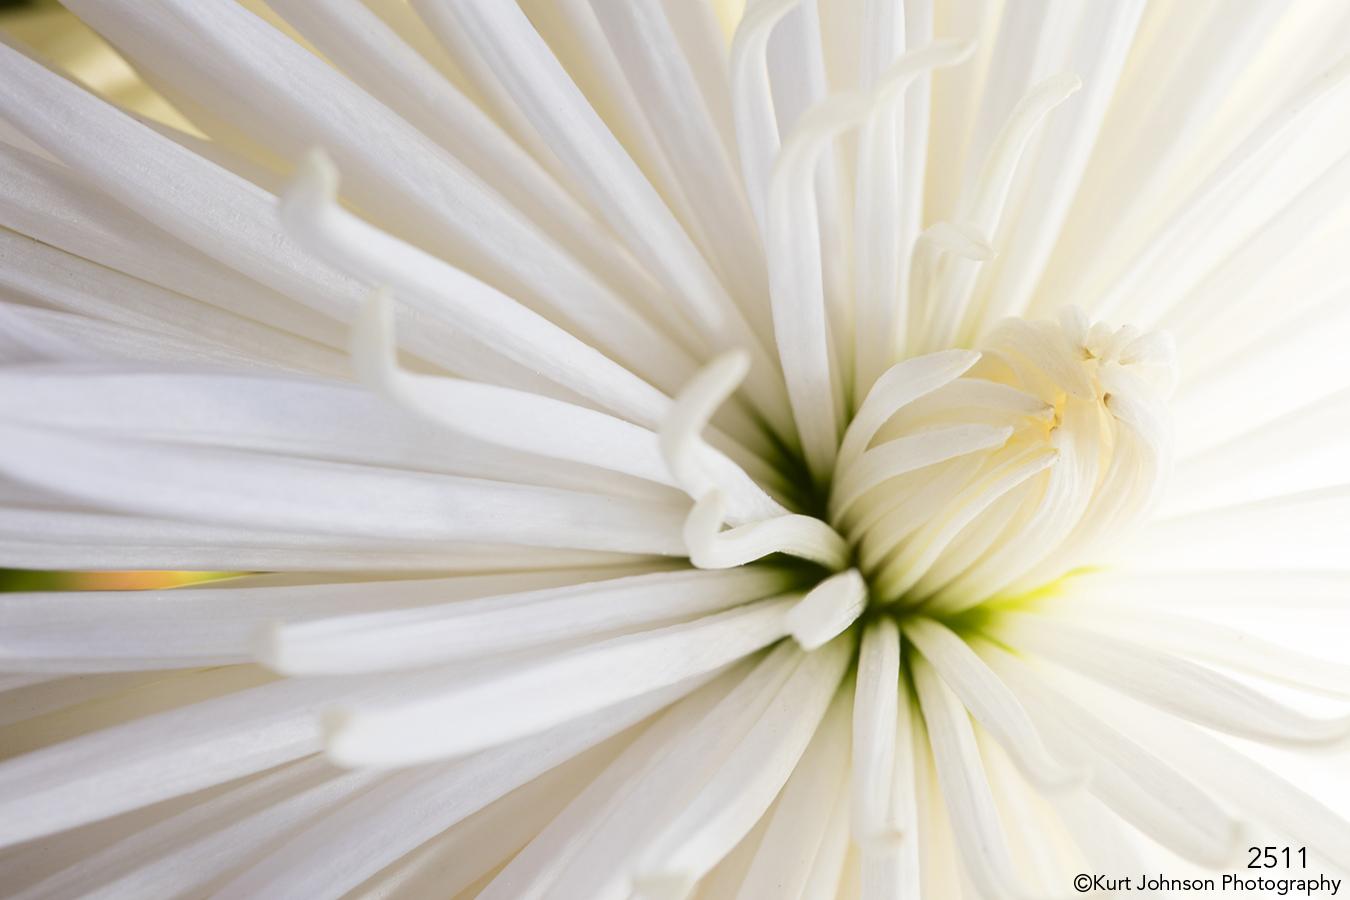 flower white texture close up petals details